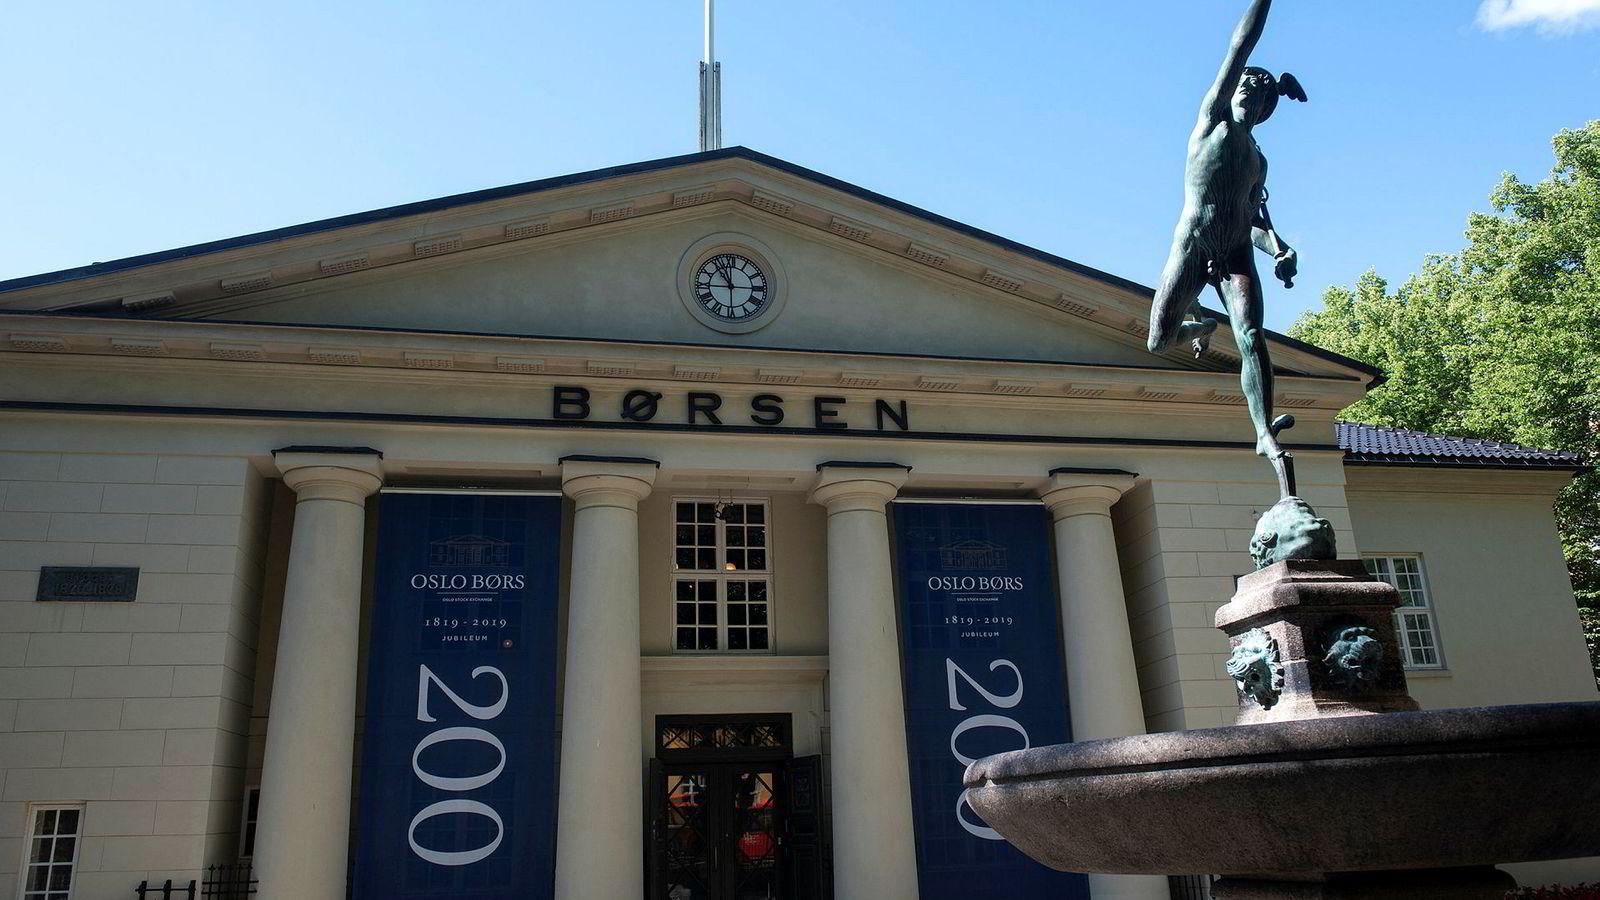 Det er fortsatt mulig å finne penger på gaten utenfor Oslo Børs.